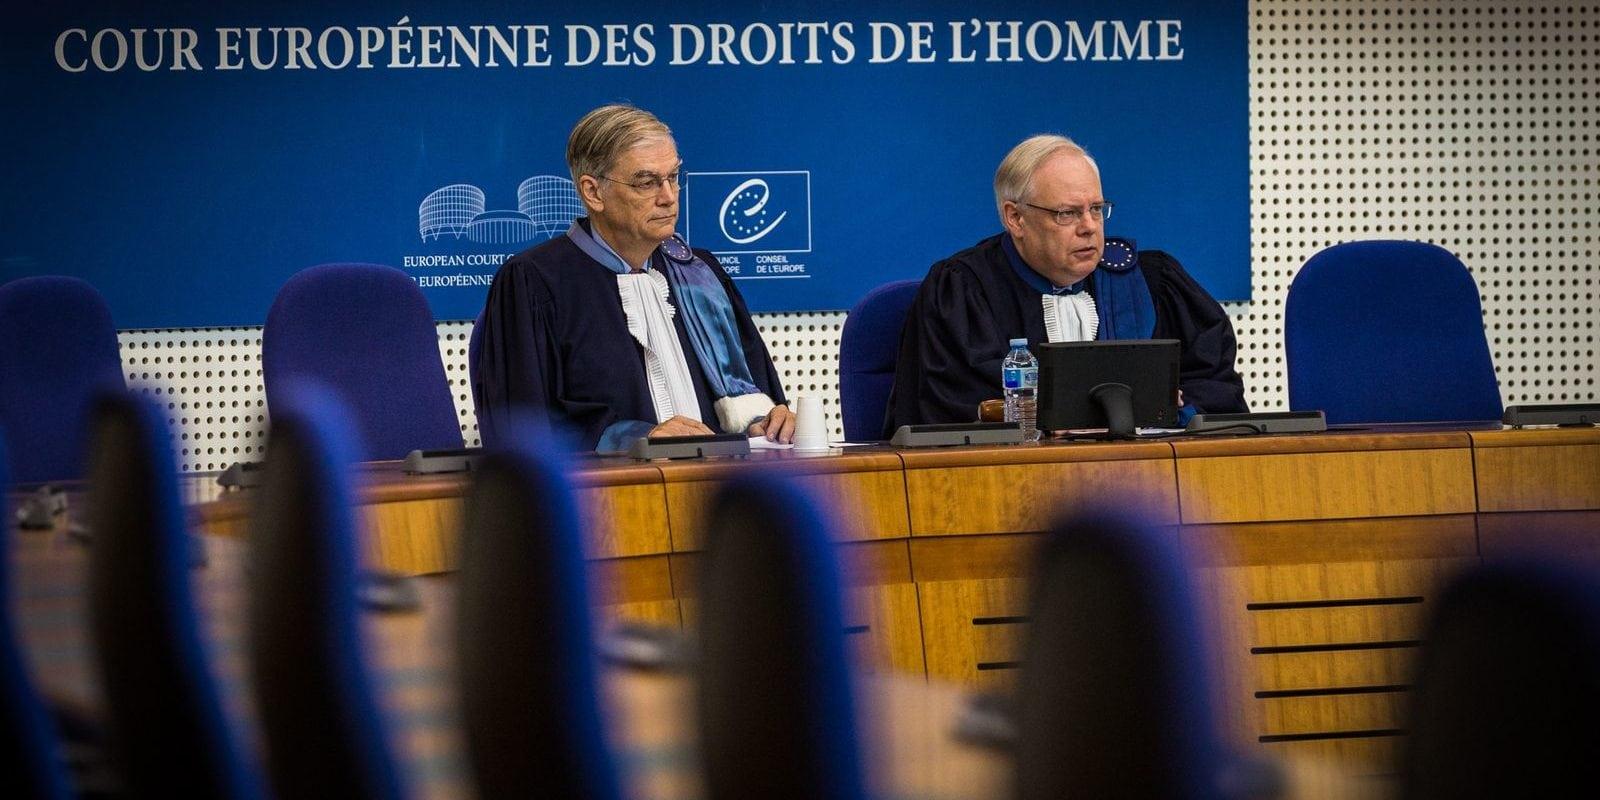 Une intelligence artificielle pour aider les juges de la Cour européenne des Droits de l'Homme